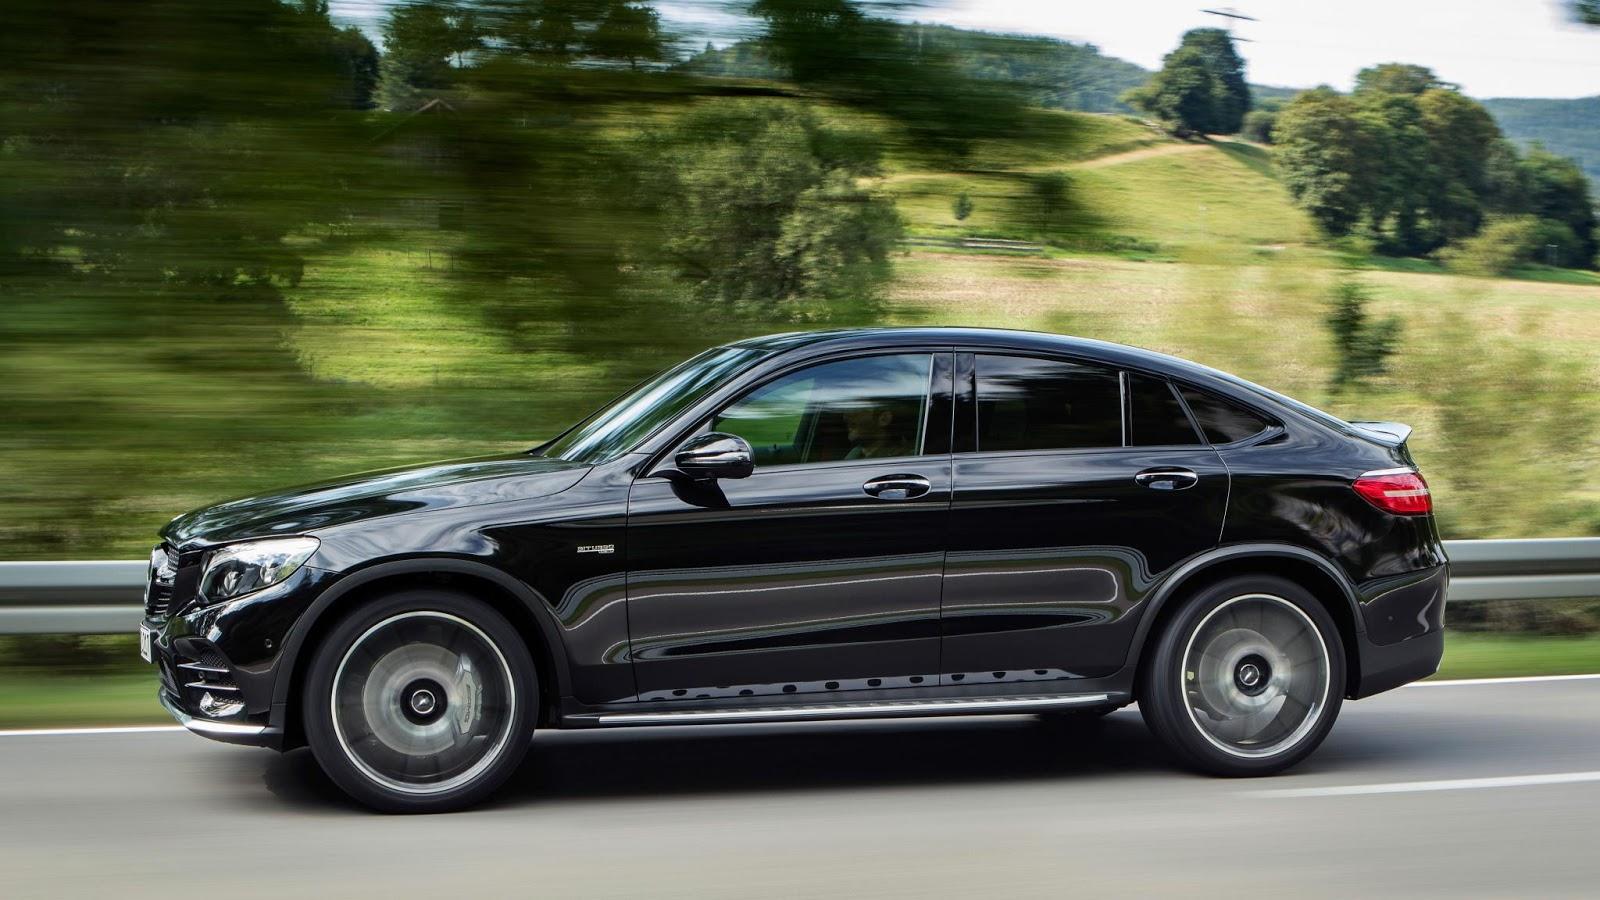 Mercedes-AMG GLC43 Coupe có vẻ ngoài trông rất năng động, cá tính